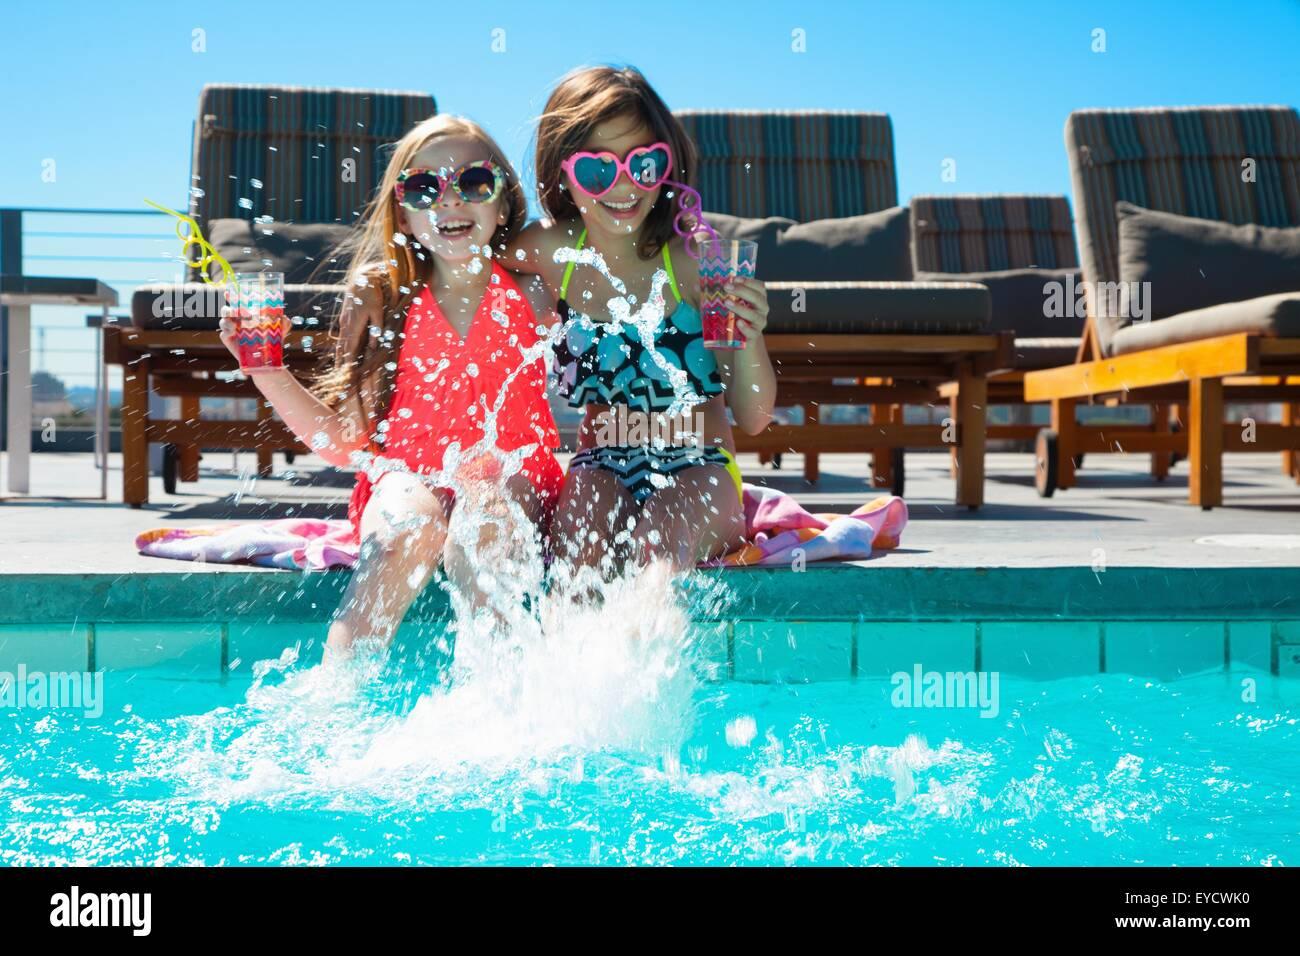 Las niñas sentadas en la piscina las salpicaduras de agua. Imagen De Stock